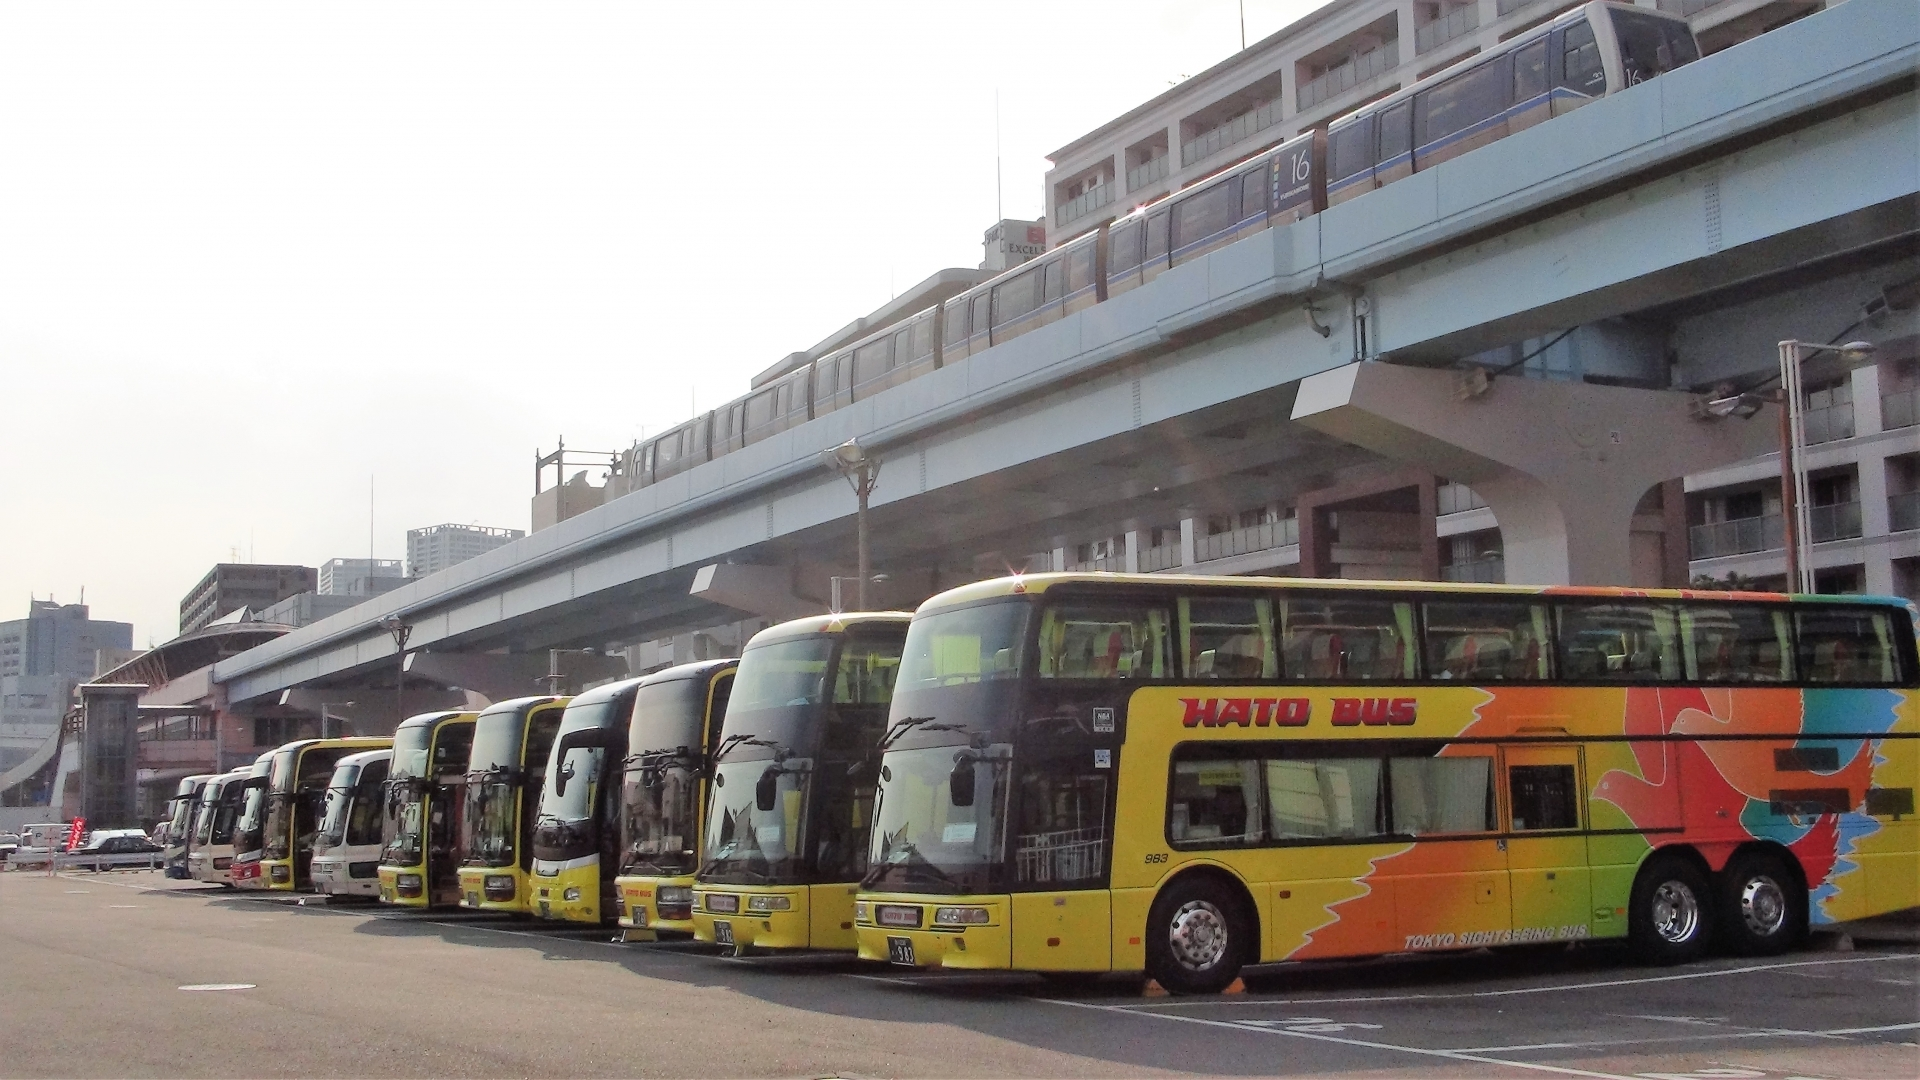 はとバスが稼働していないバス60台で作った巨大迷路